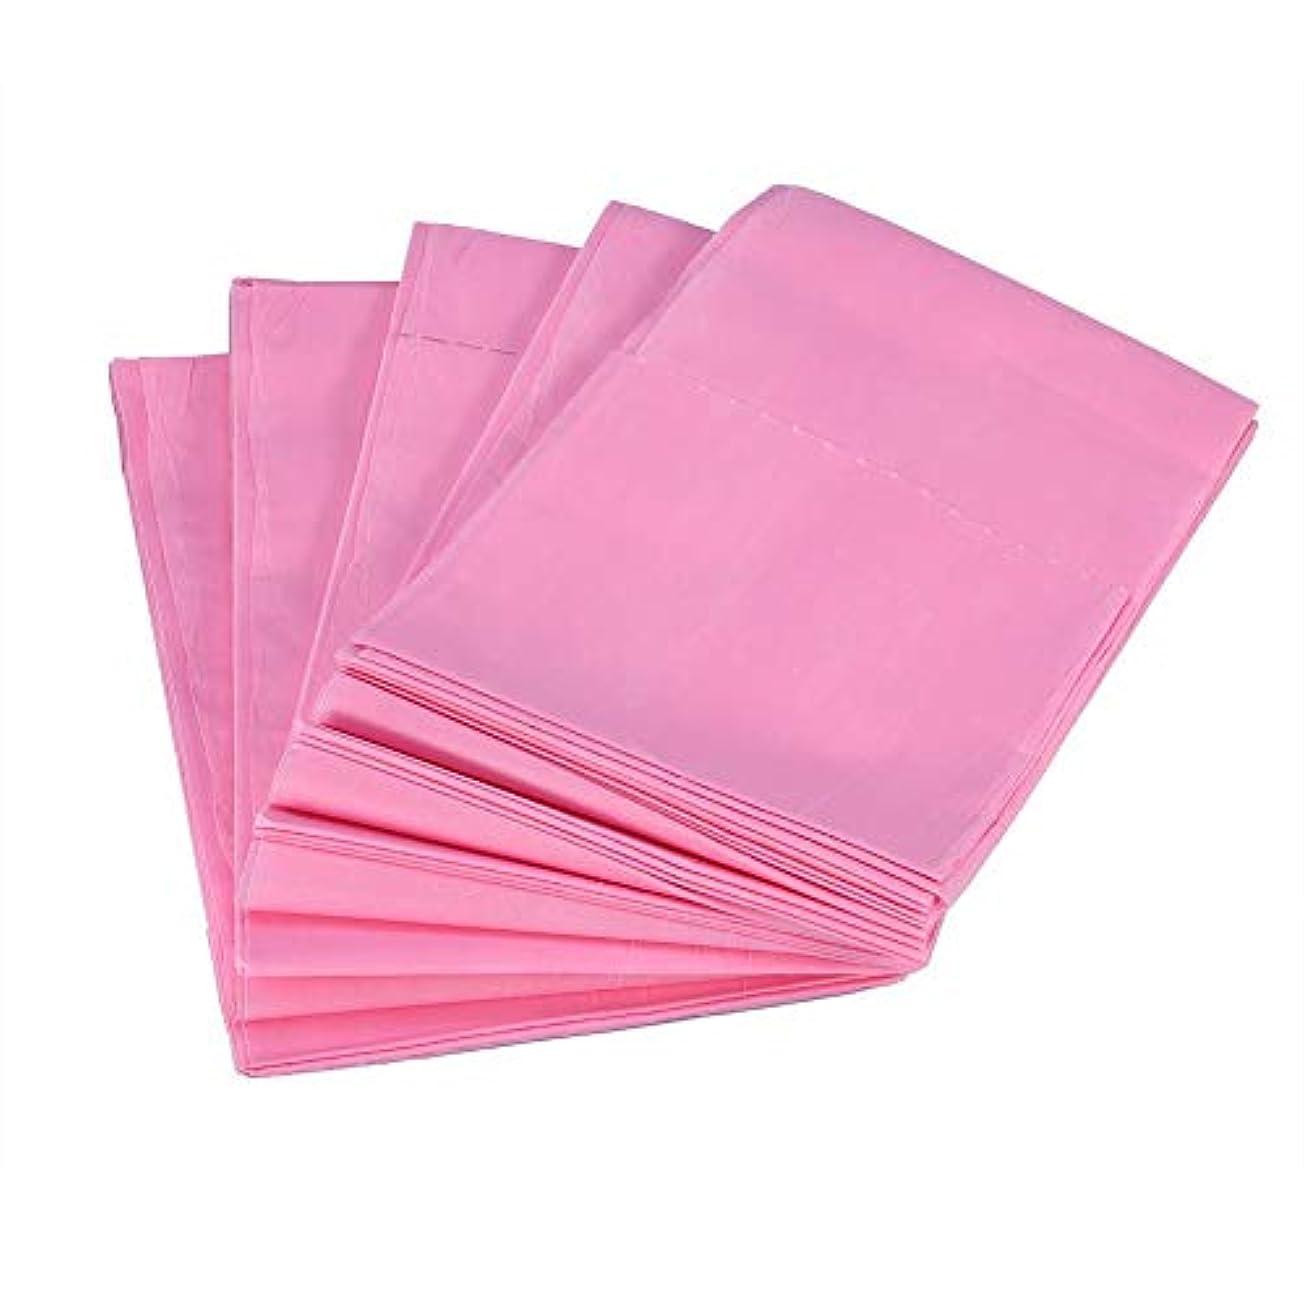 私たち通路文字使い捨てベッドシーツ、10個175 x 75cm不織布使い捨て防水シーツマッサージビューティーカバー(ピンク)